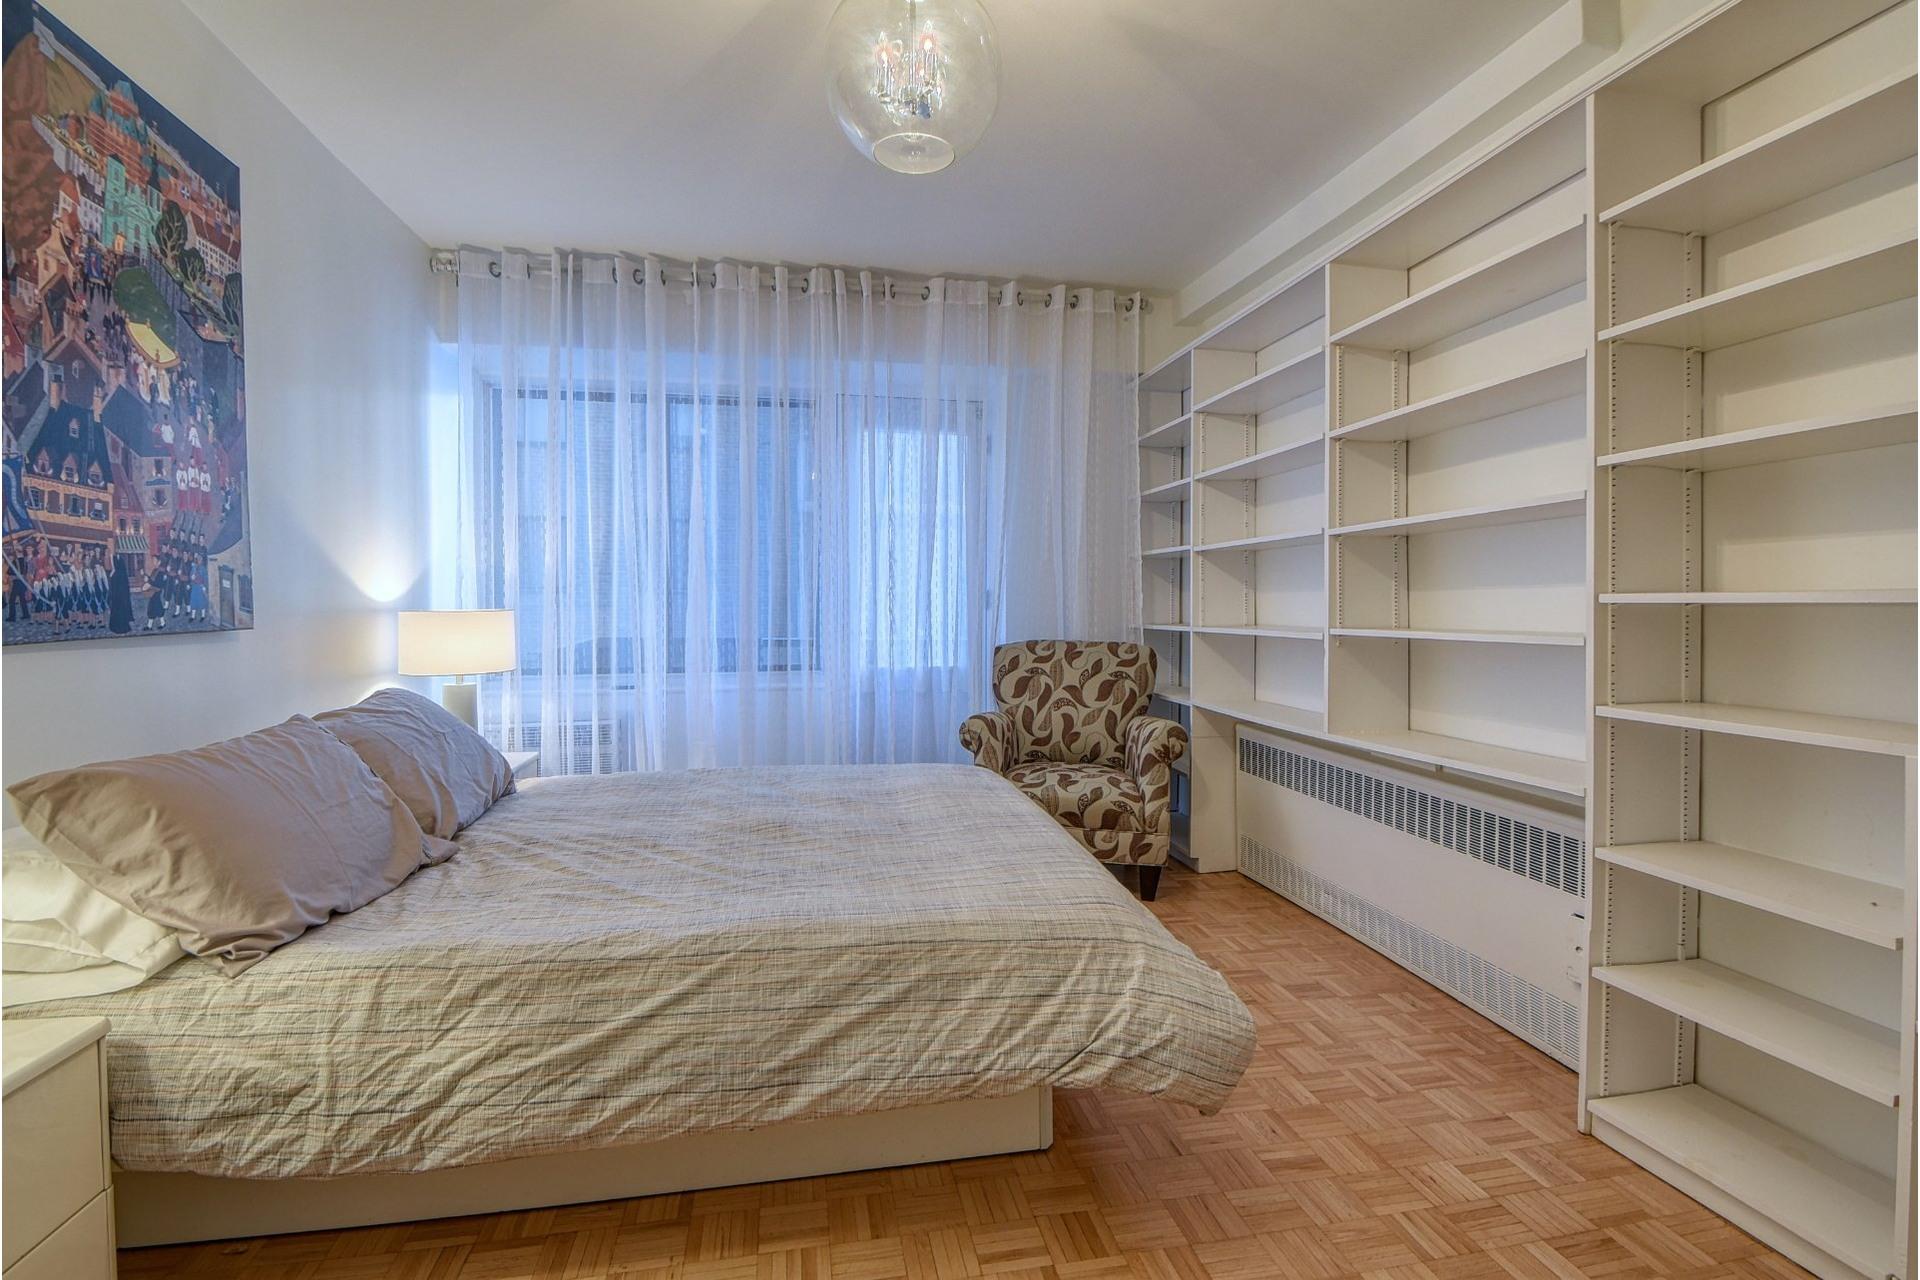 image 9 - Apartment For rent Ville-Marie Montréal  - 6 rooms